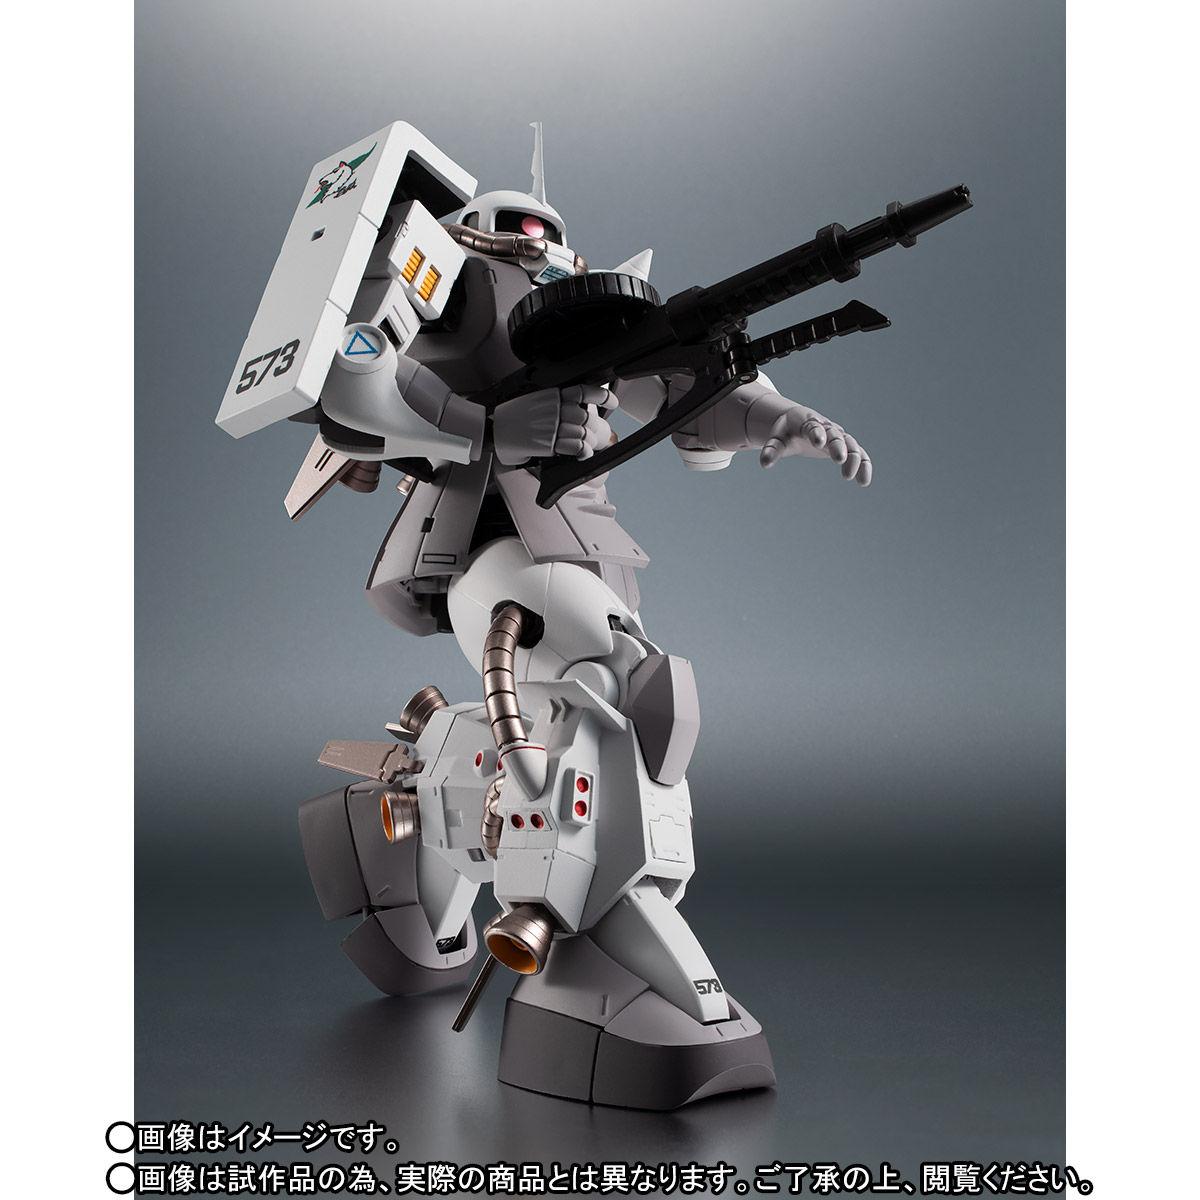 【限定販売】ROBOT魂〈SIDE MS〉『MS-06R-1A シン・マツナガ専用高機動型ザクII ver. A.N.I.M.E.』ガンダムMSV 可動フィギュア-005